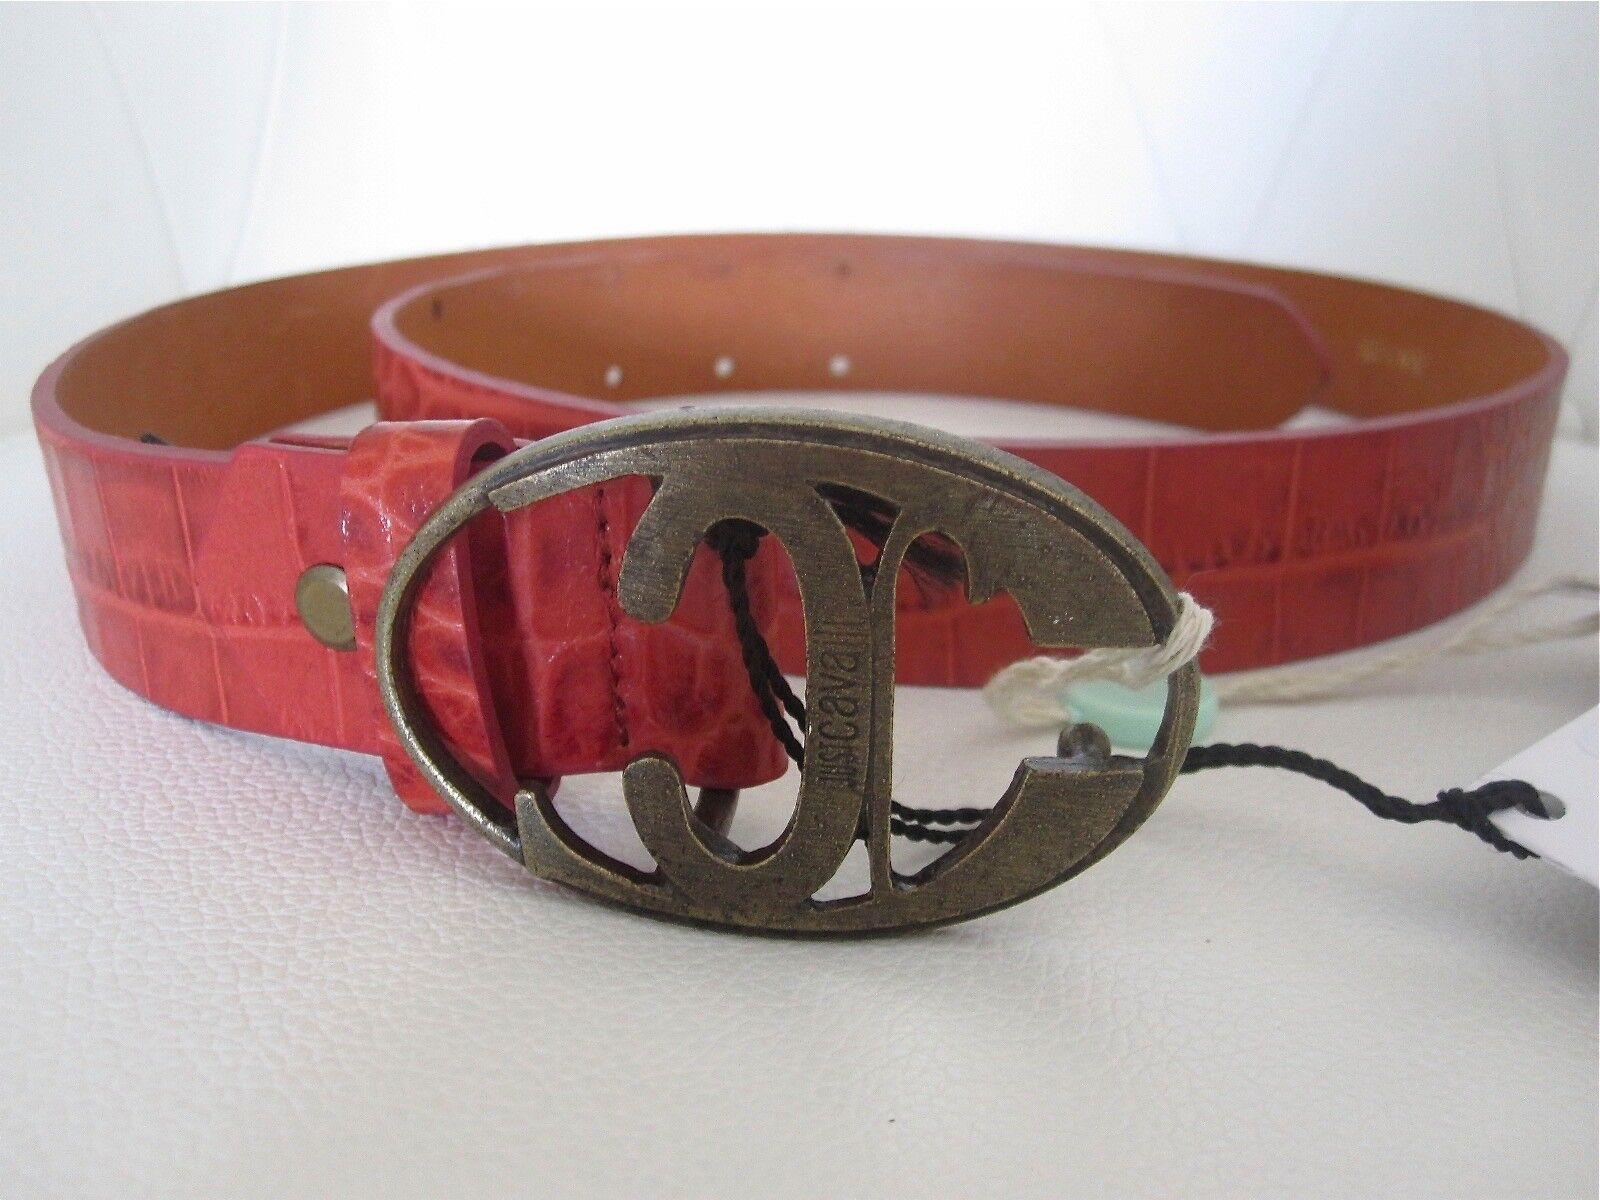 ! nuevo! sólo CAVALLI Naranja Croco Cinturón de cuero con logotipo Unisex Cintura Original W. Etiquetas